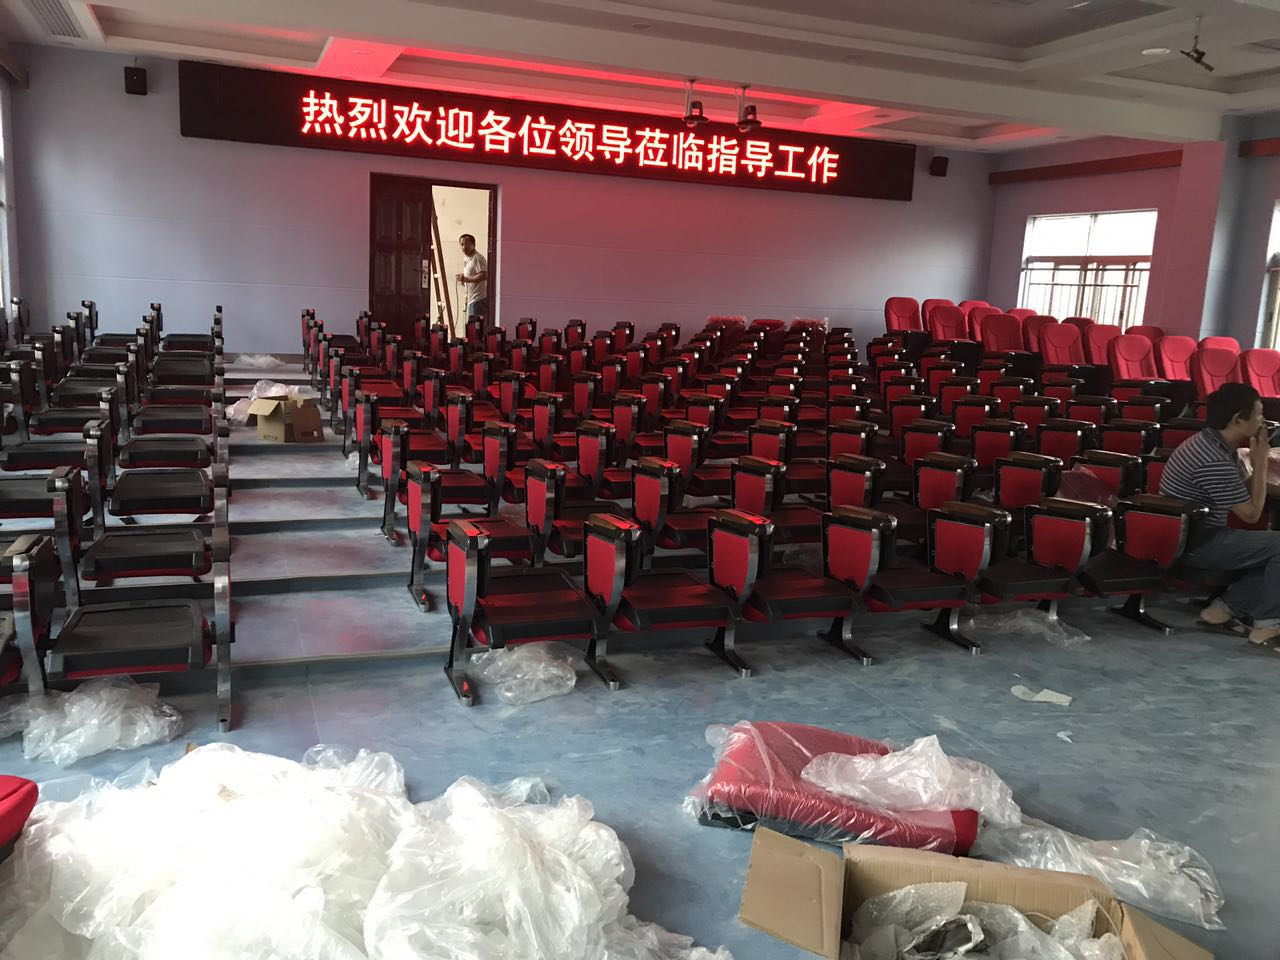 剧院礼堂椅